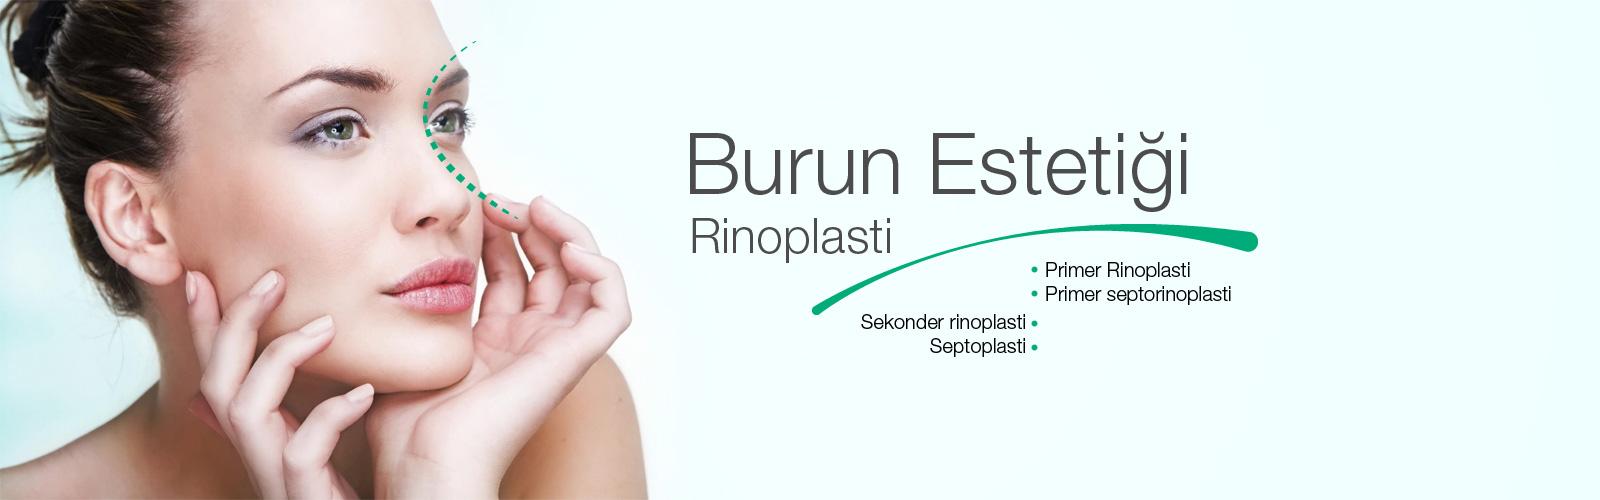 Rinoplasti - Burun Estetiği